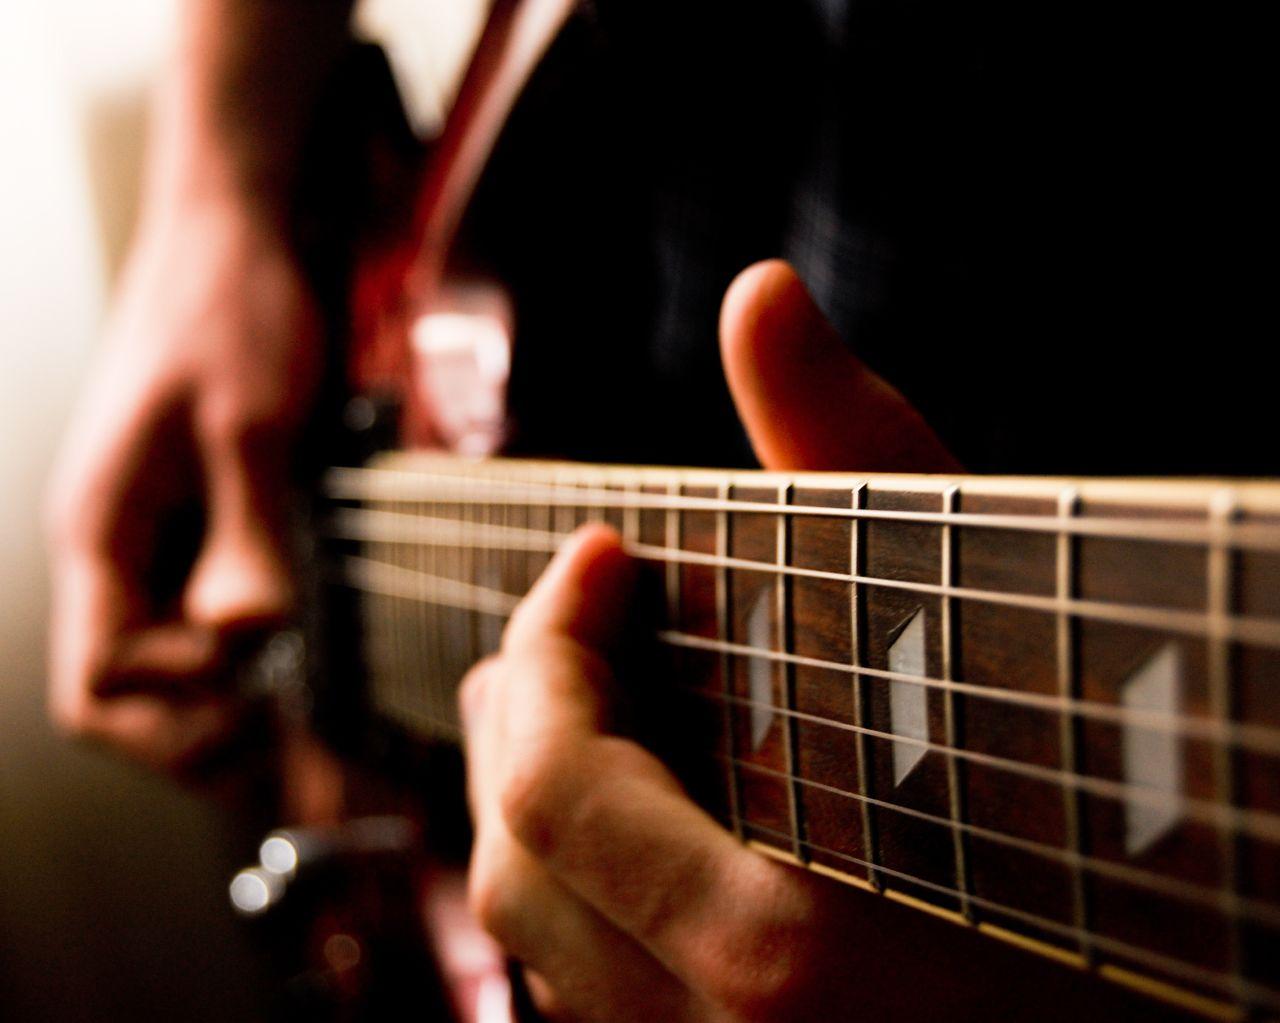 Sapevate che studiare musica fa diventare più intelligenti?